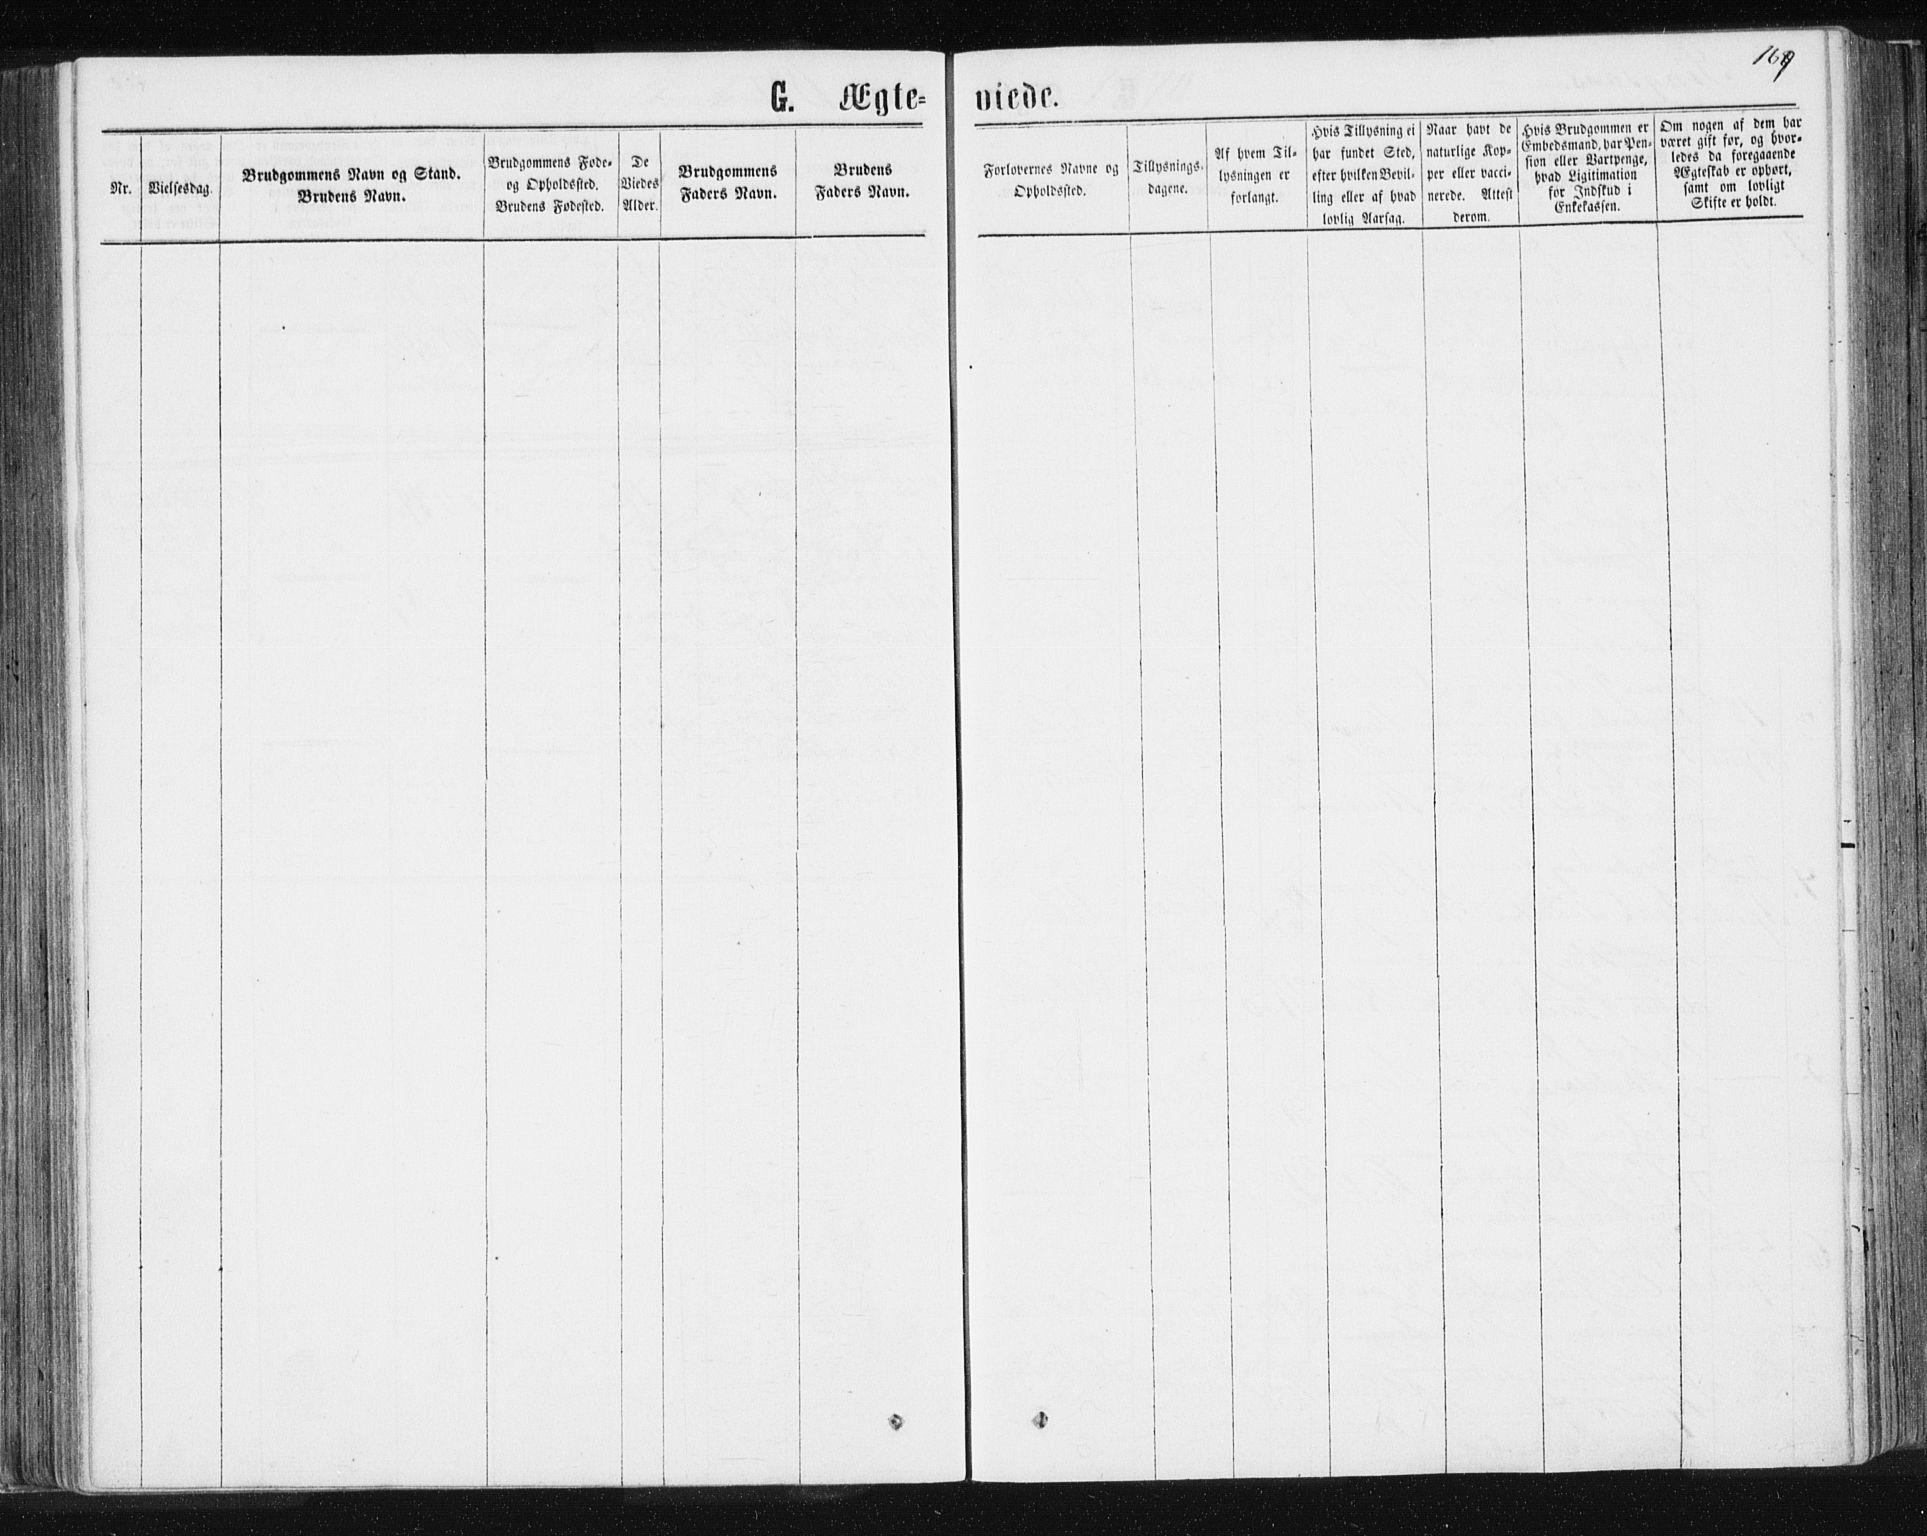 SAT, Ministerialprotokoller, klokkerbøker og fødselsregistre - Sør-Trøndelag, 685/L0969: Ministerialbok nr. 685A08 /1, 1870-1878, s. 169